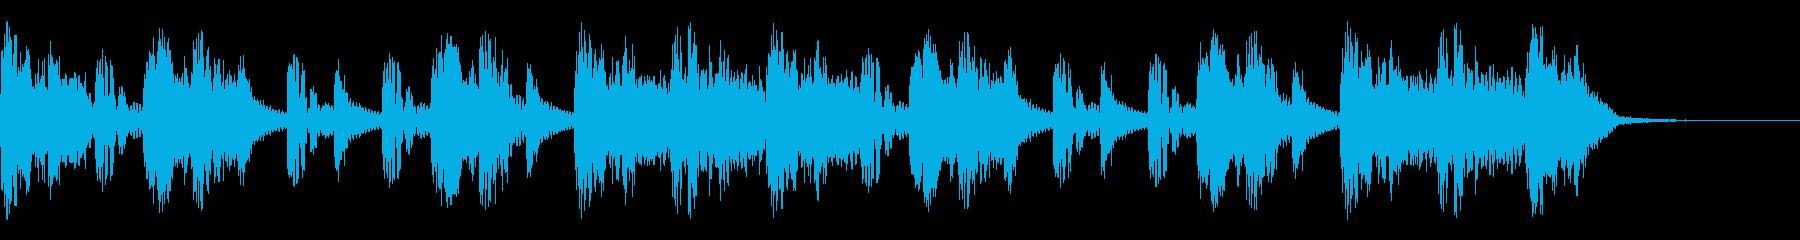 ヒップダンスグルーブの再生済みの波形